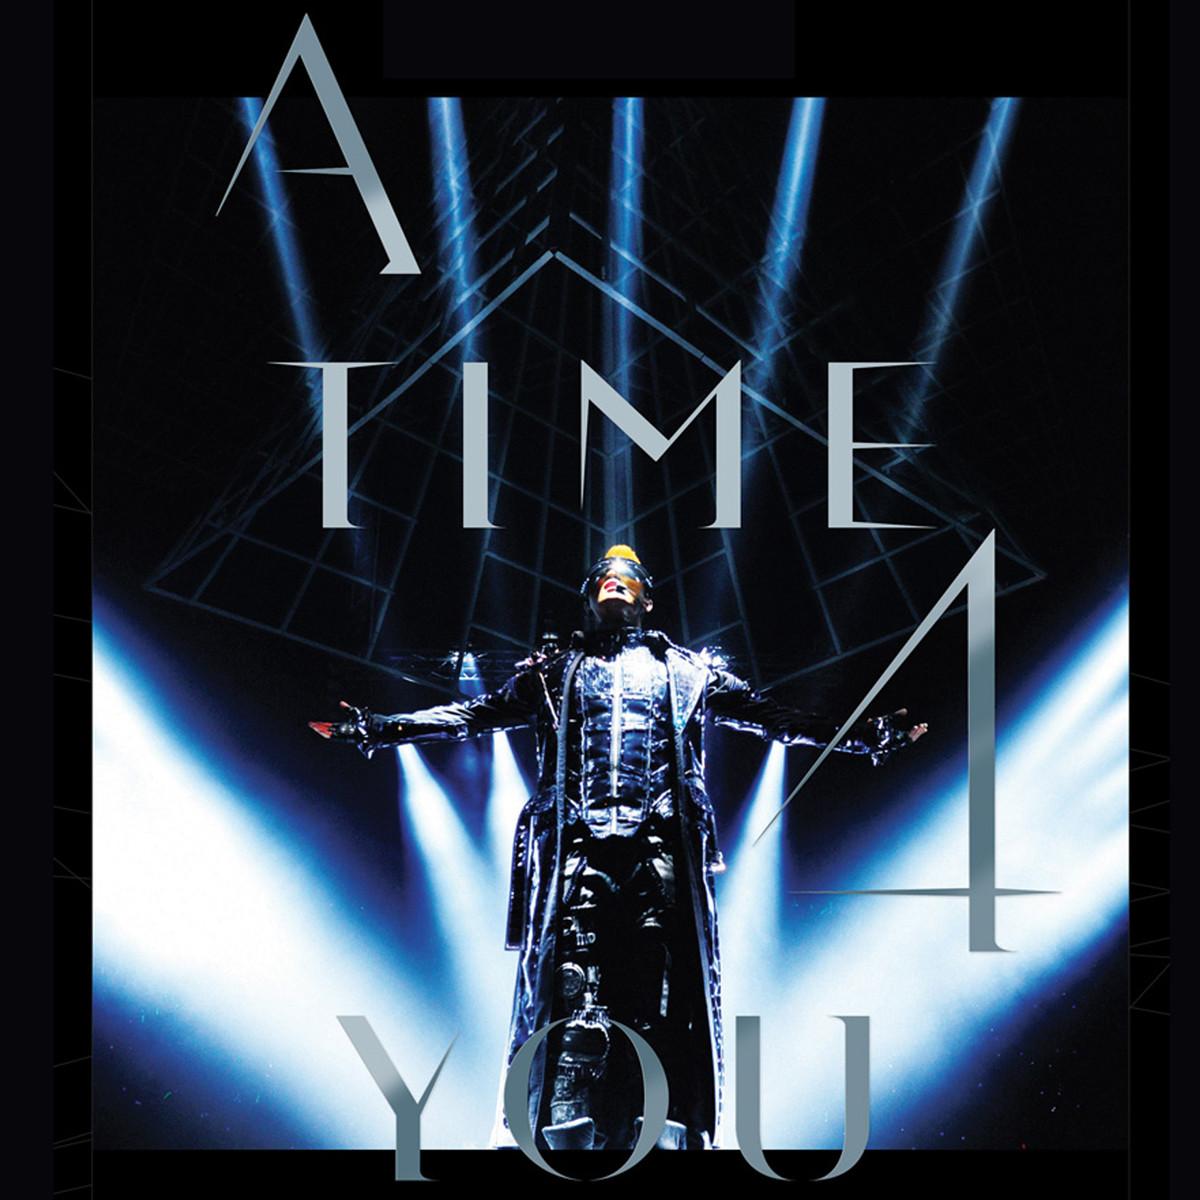 林峰2013红馆演唱会_林峰(林峯) A Time 4 You Concert 2013 Karaoke 香港红馆体育场演唱会《ISO ...